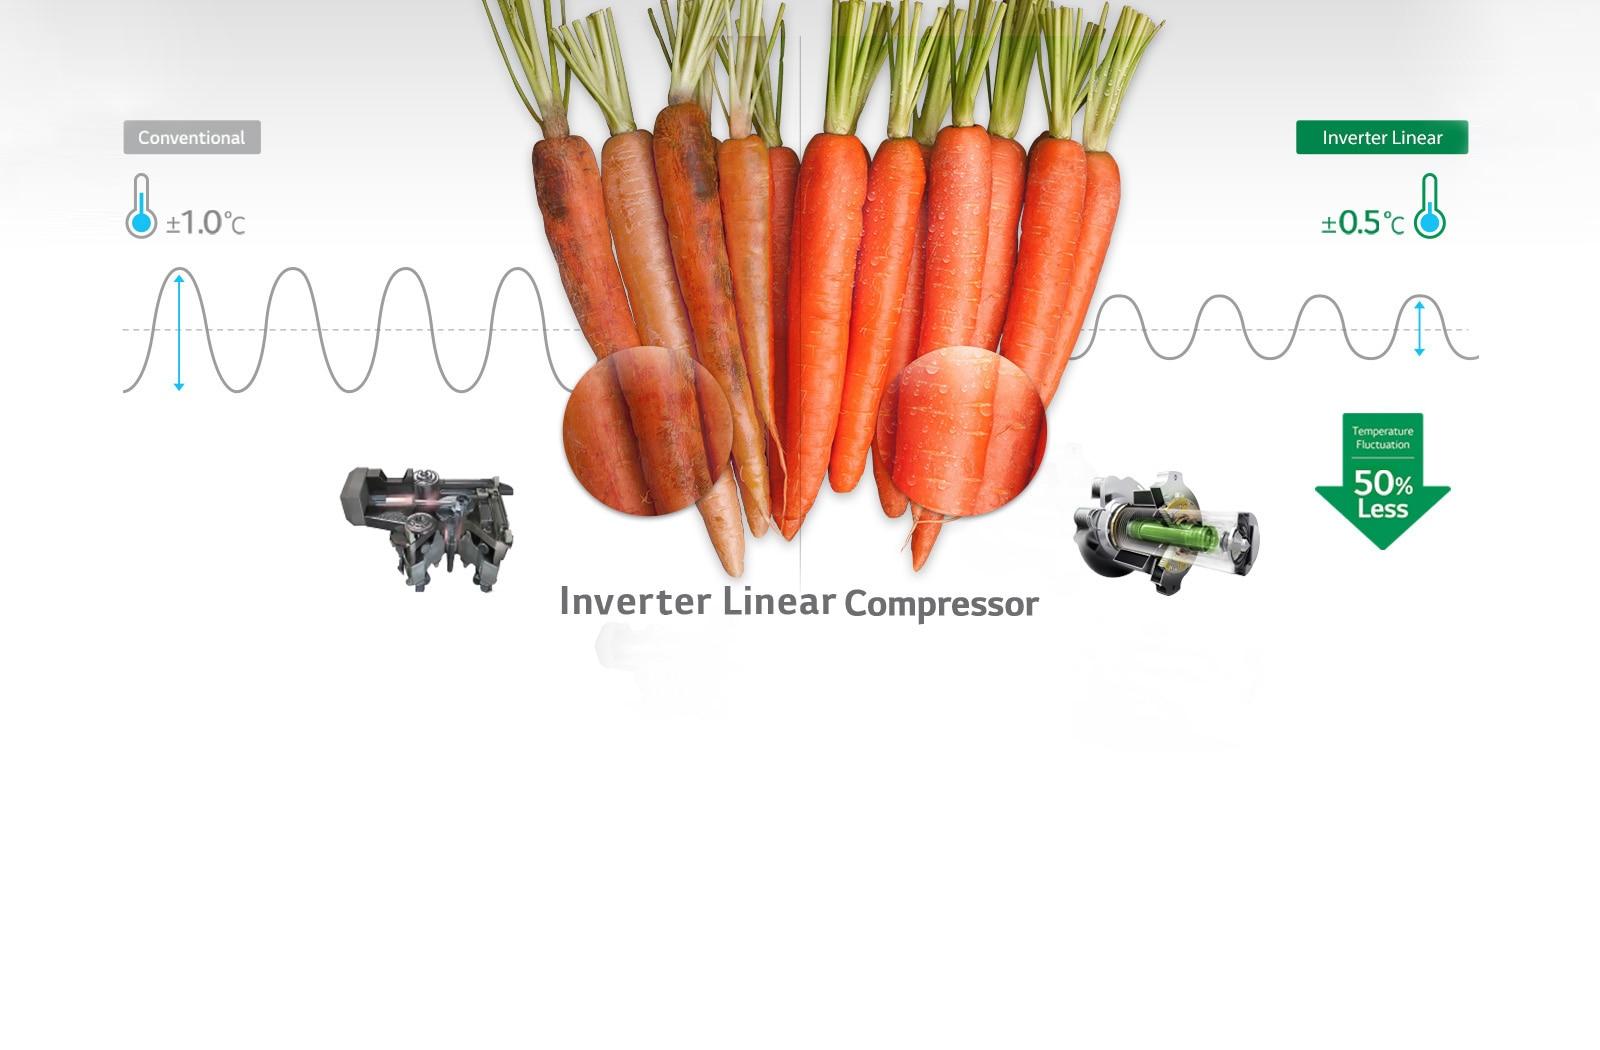 LG GL-T372JPZN 335 Ltr Invertor Linear Compressor